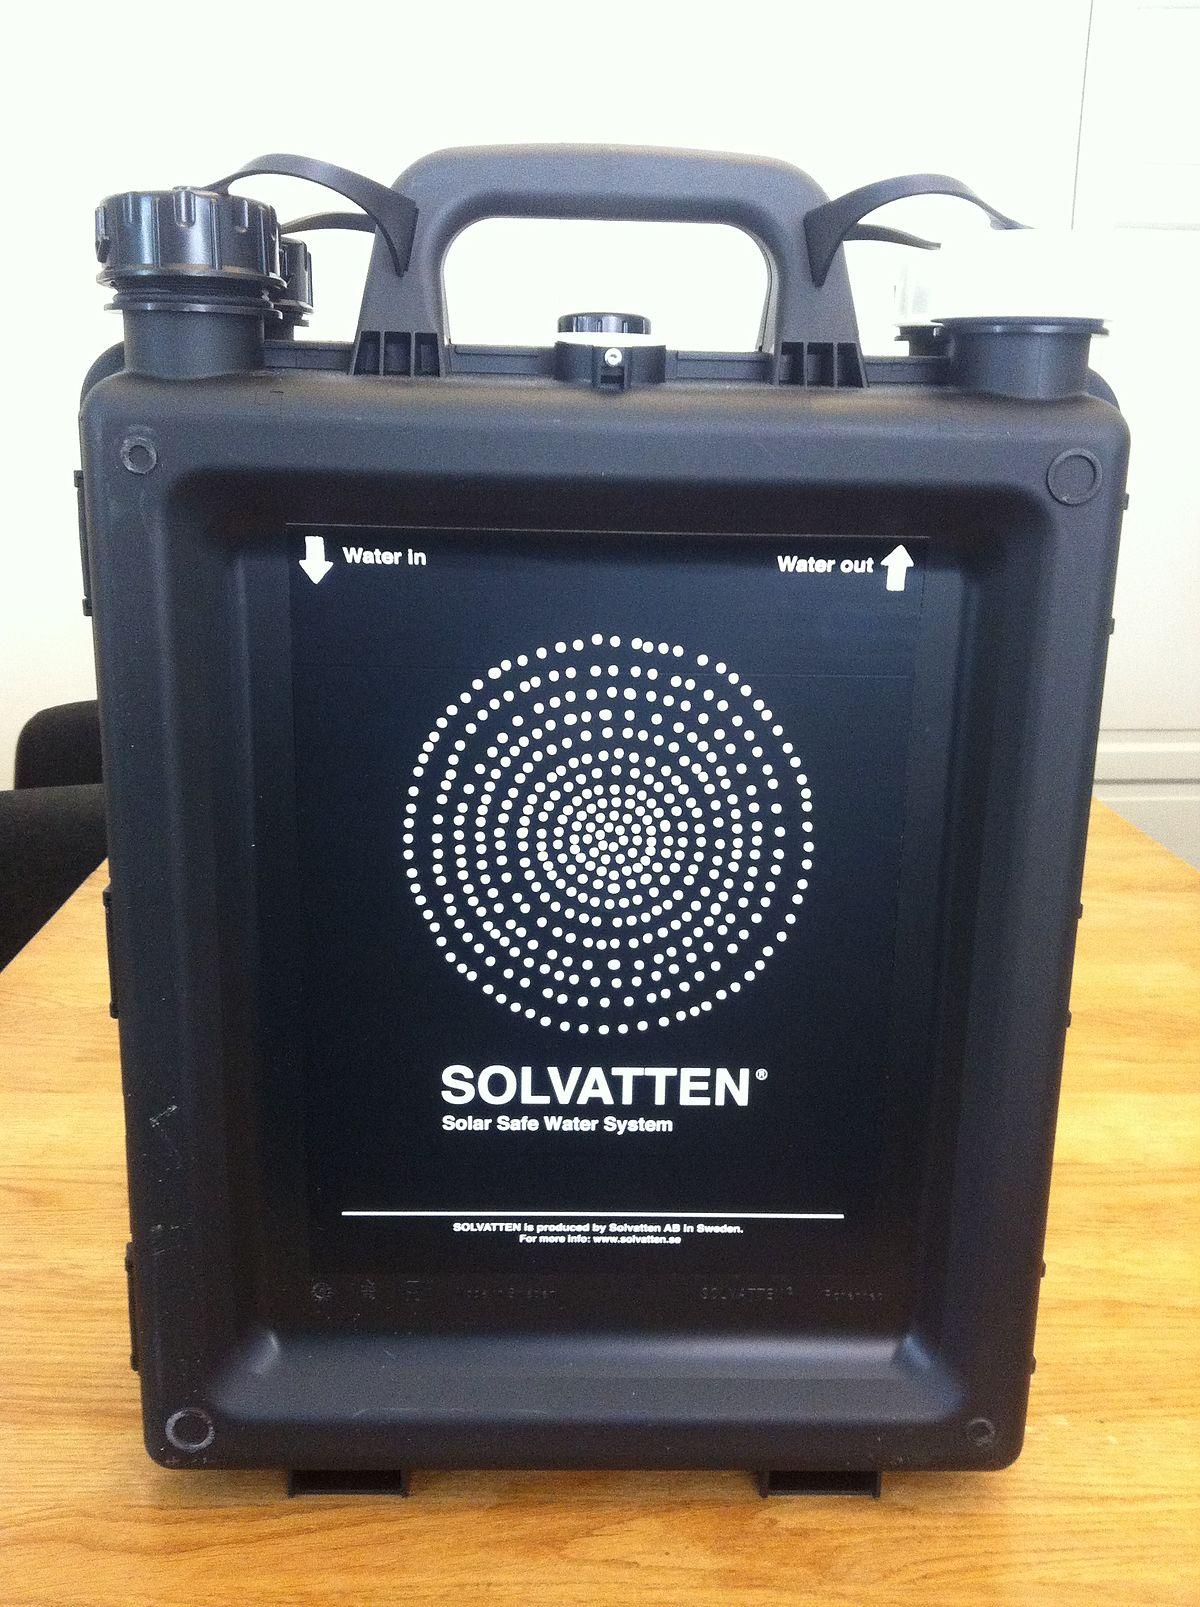 Media Water Heater >> Solvatten - Wikipedia